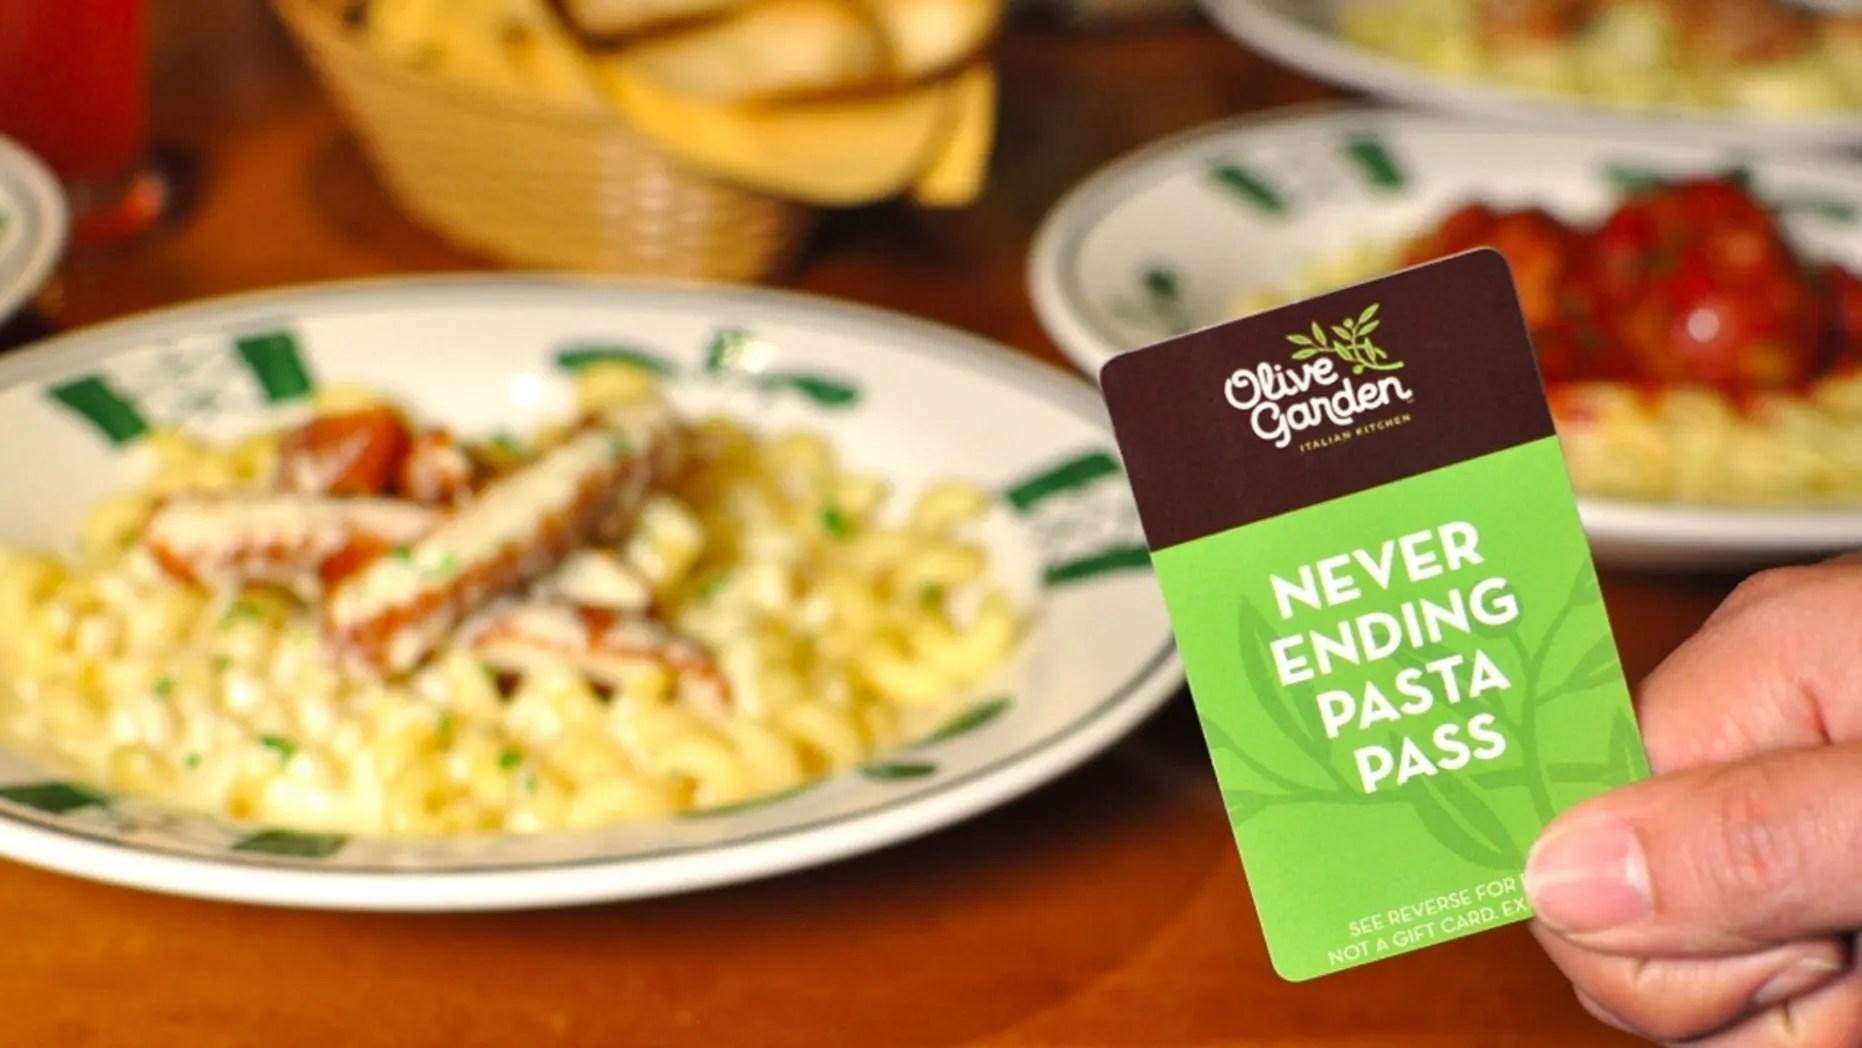 Fullsize Of Never Ending Pasta